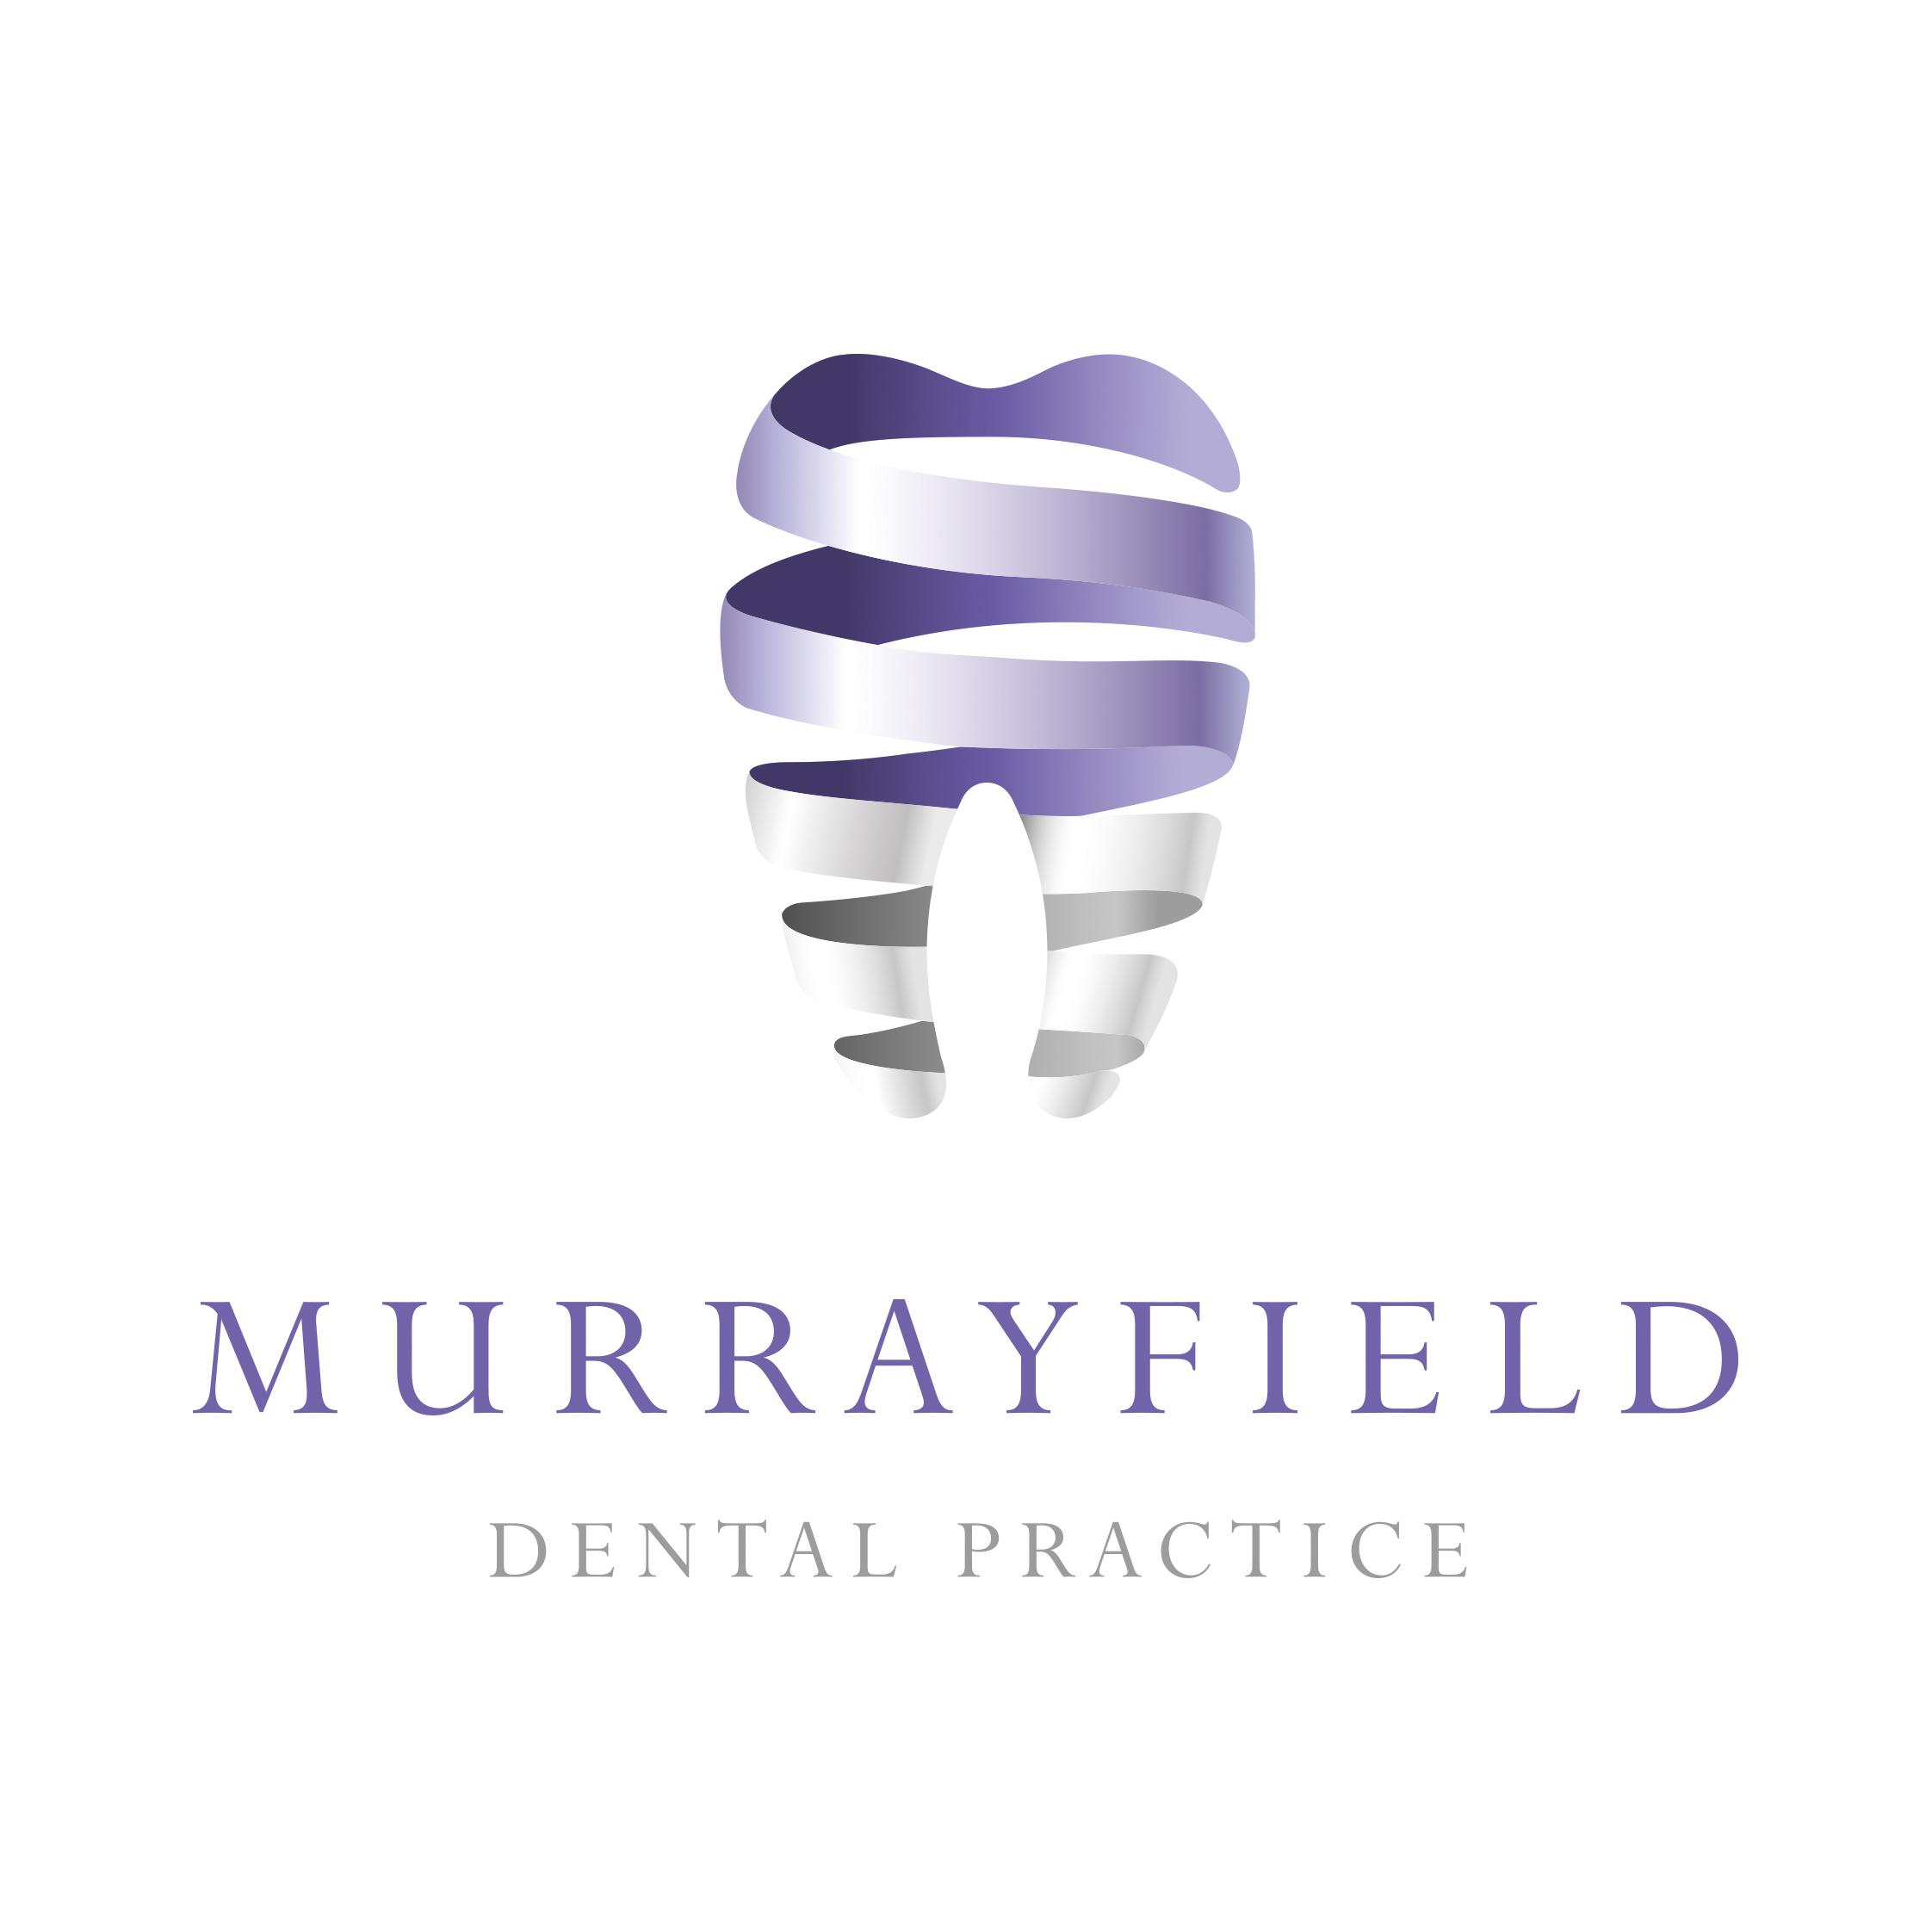 Murrayfield Dental Practice Logo